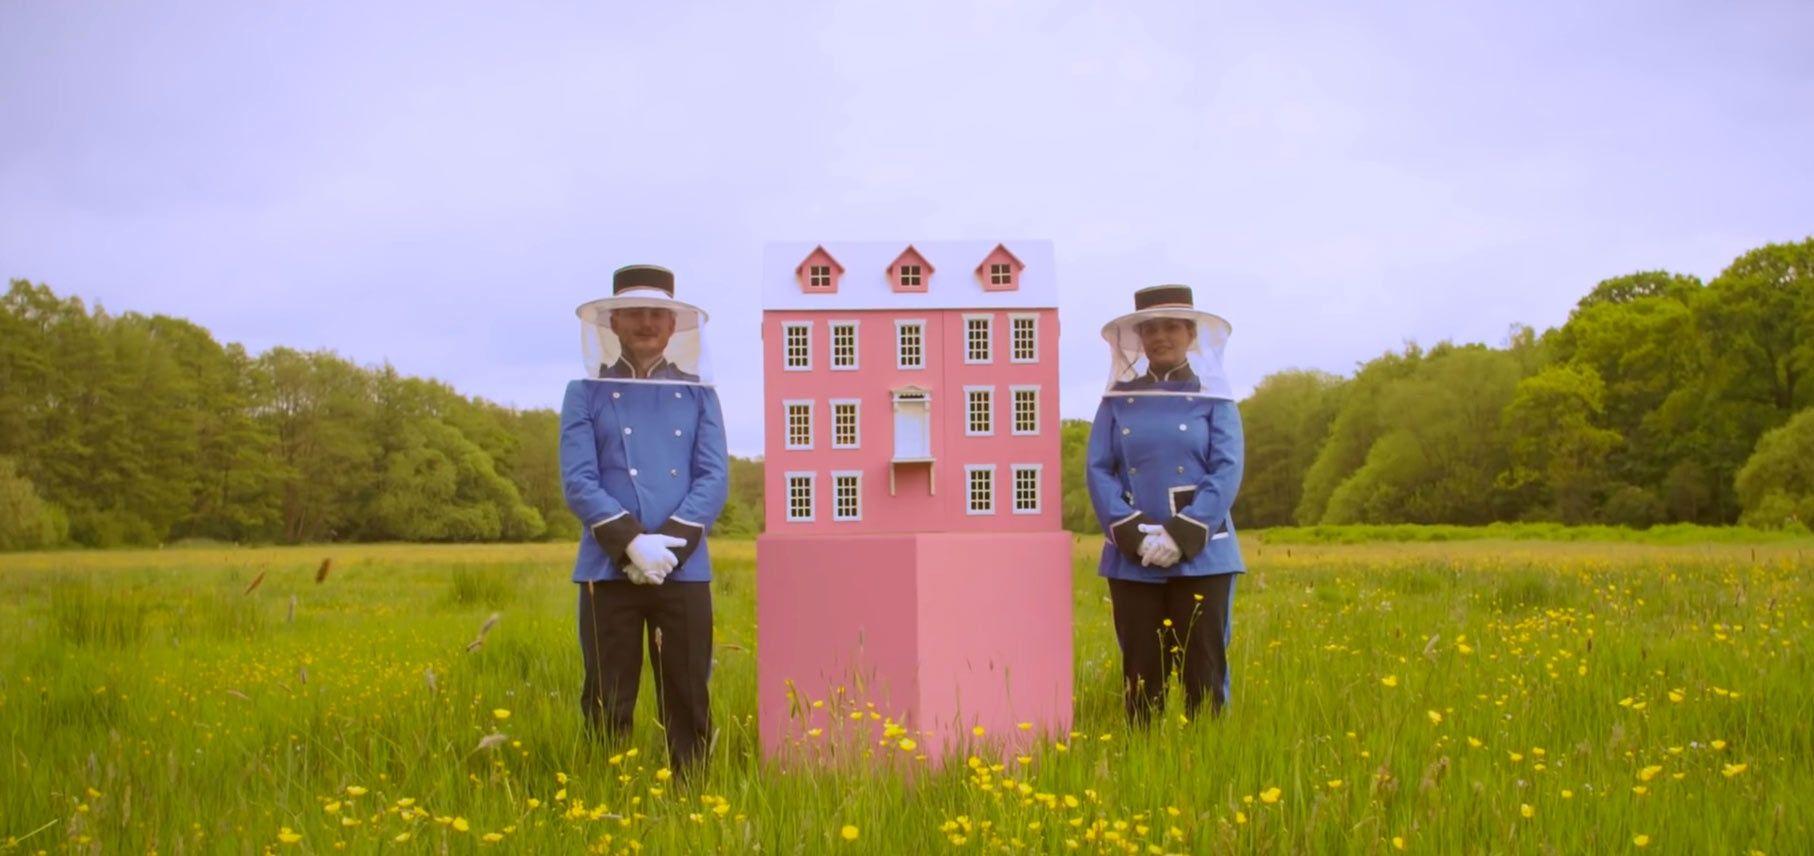 La casa delle api che sembra un castello